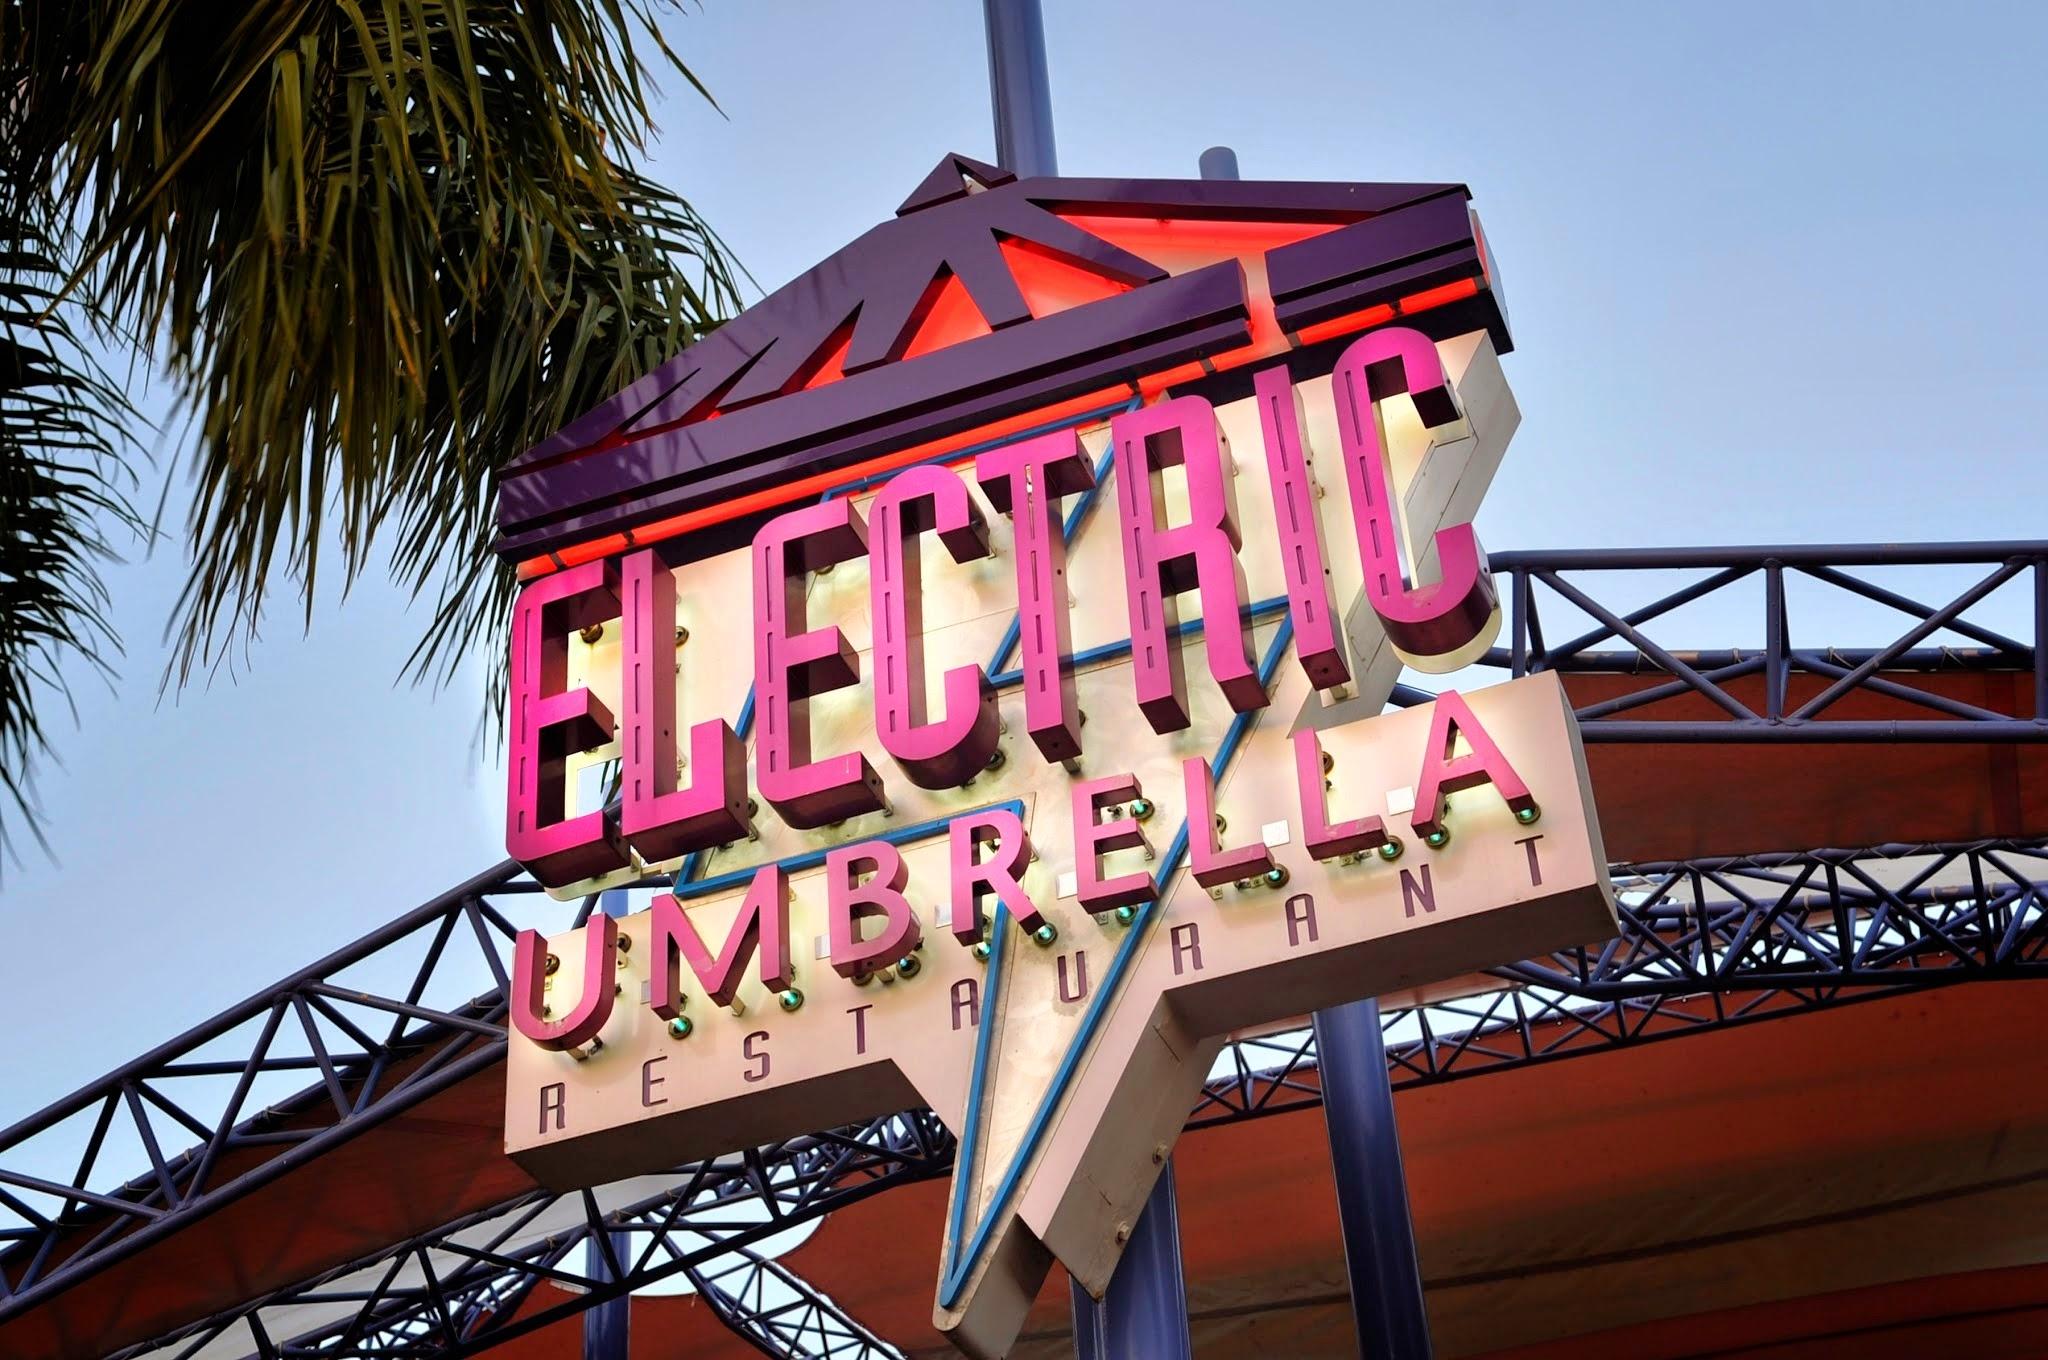 Electric Umbrella image 5